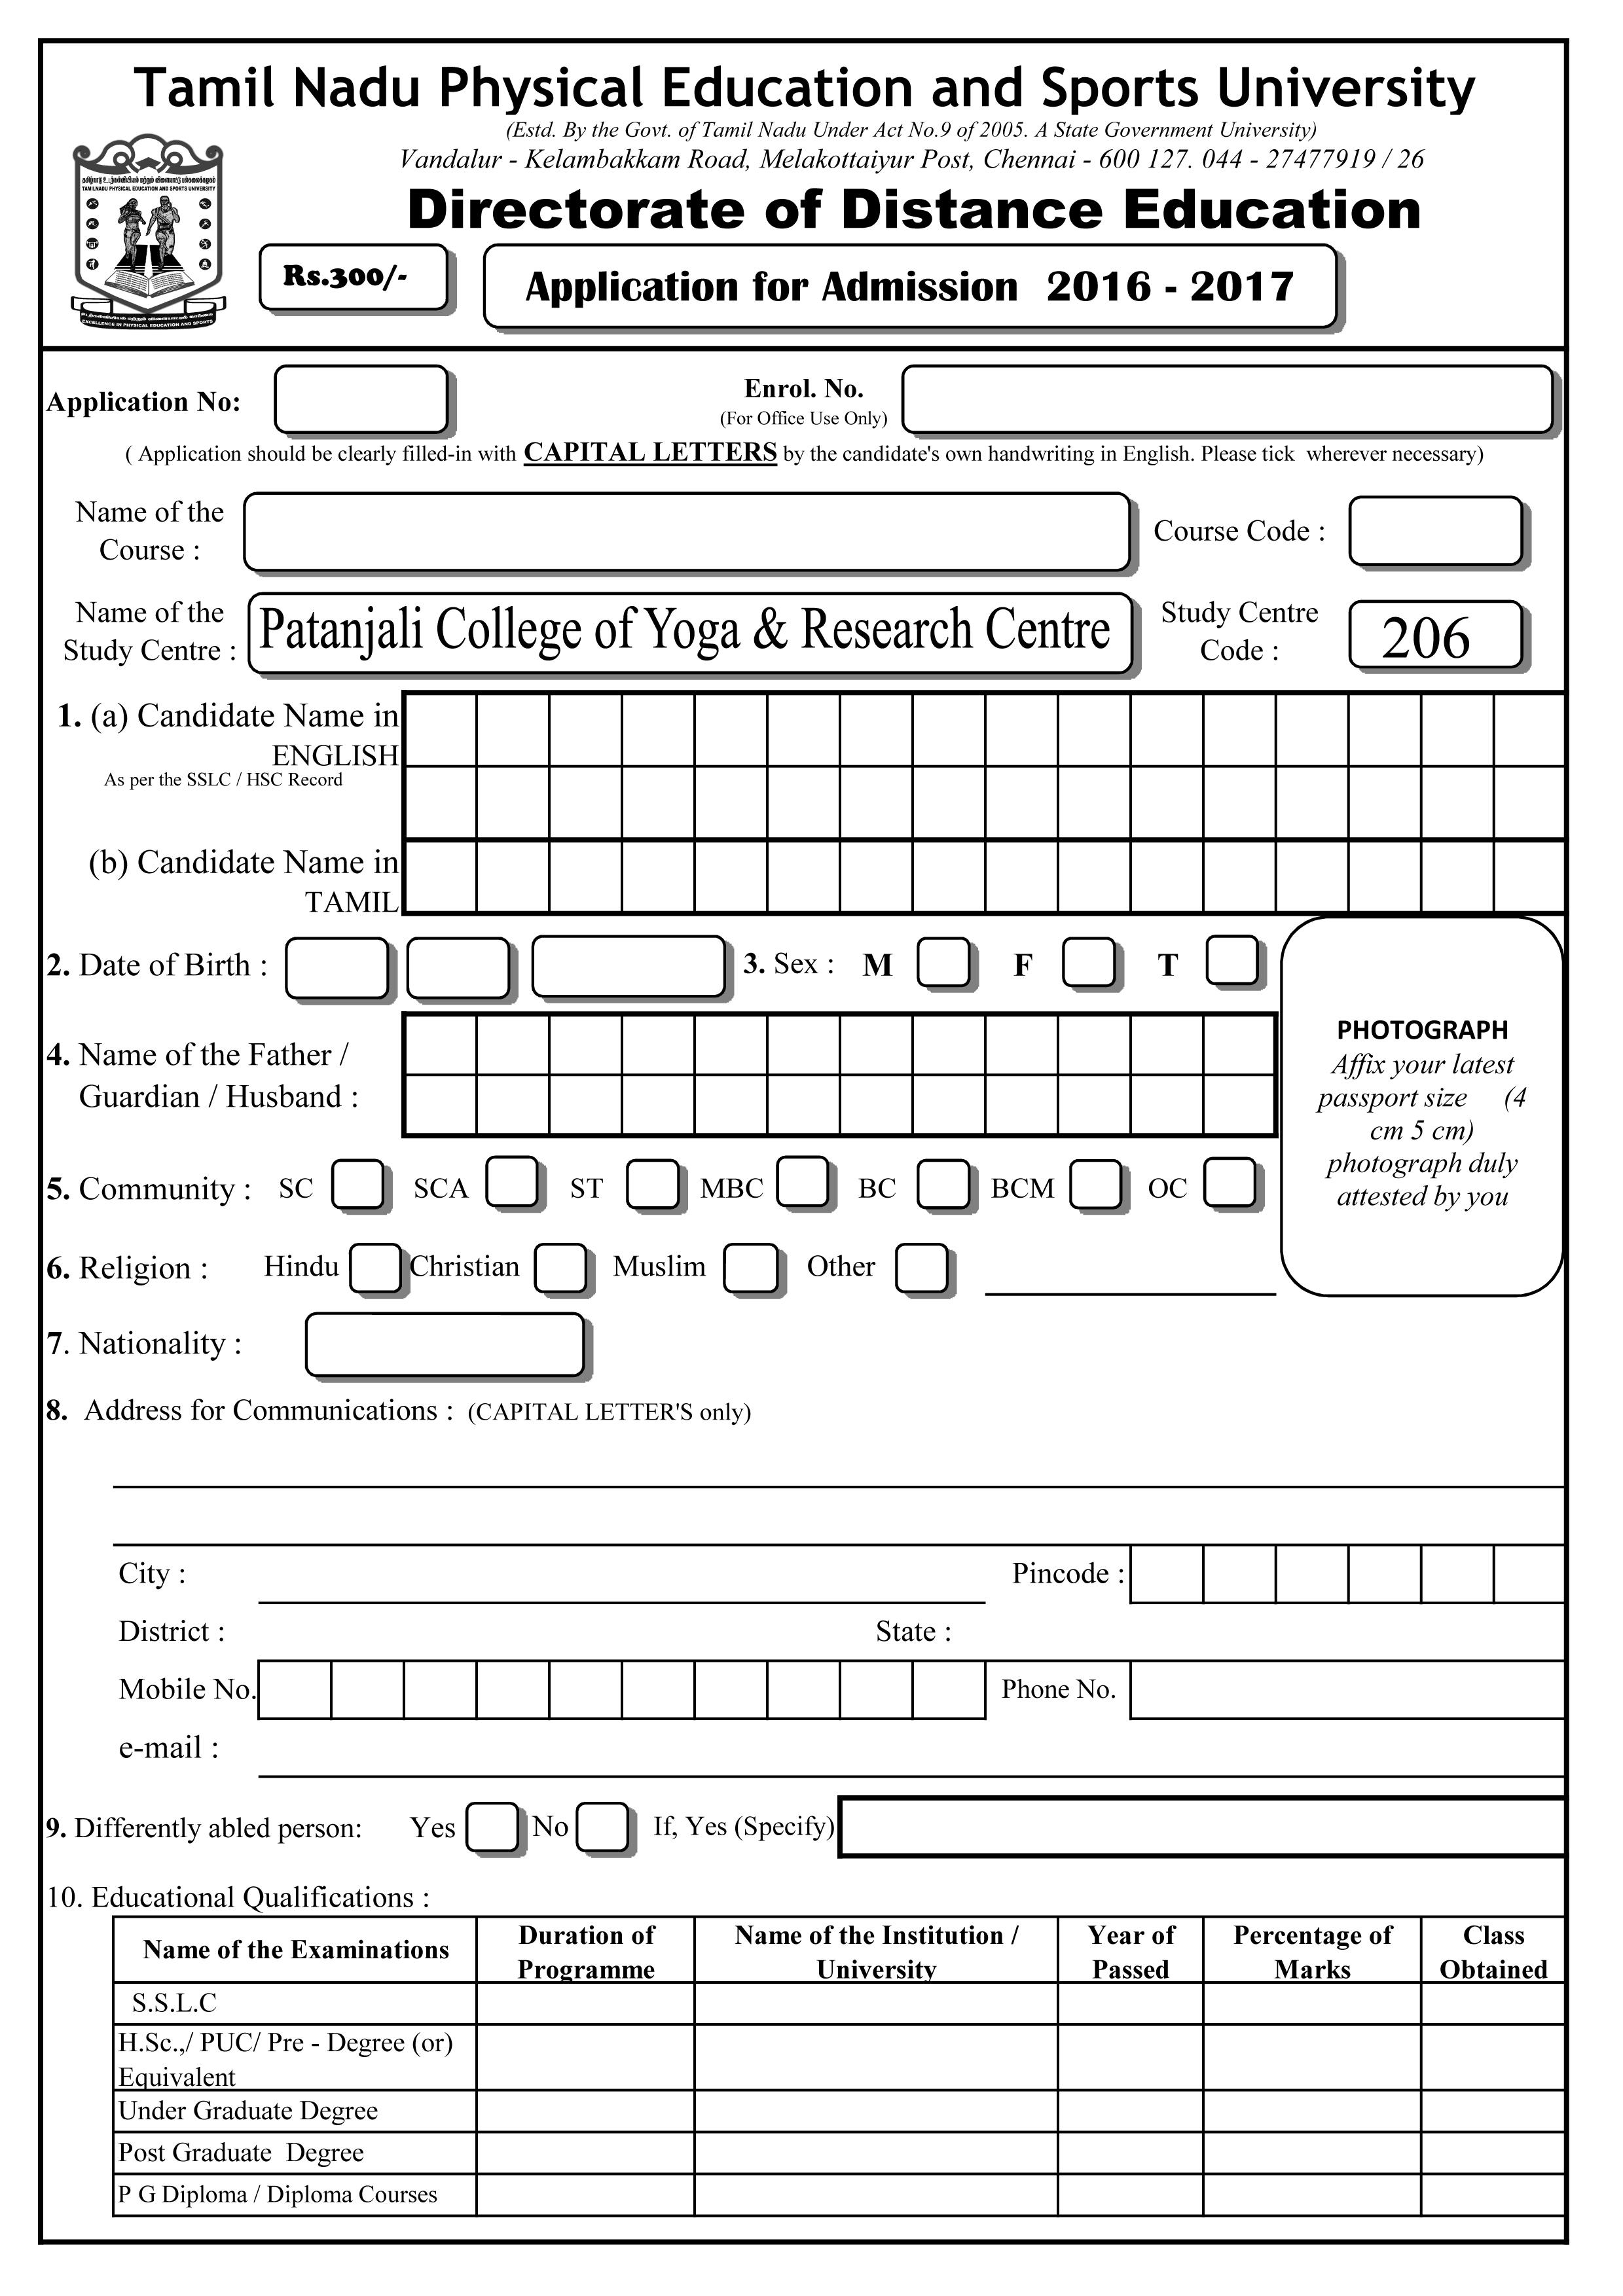 DDE Application Form 2016-2017 2